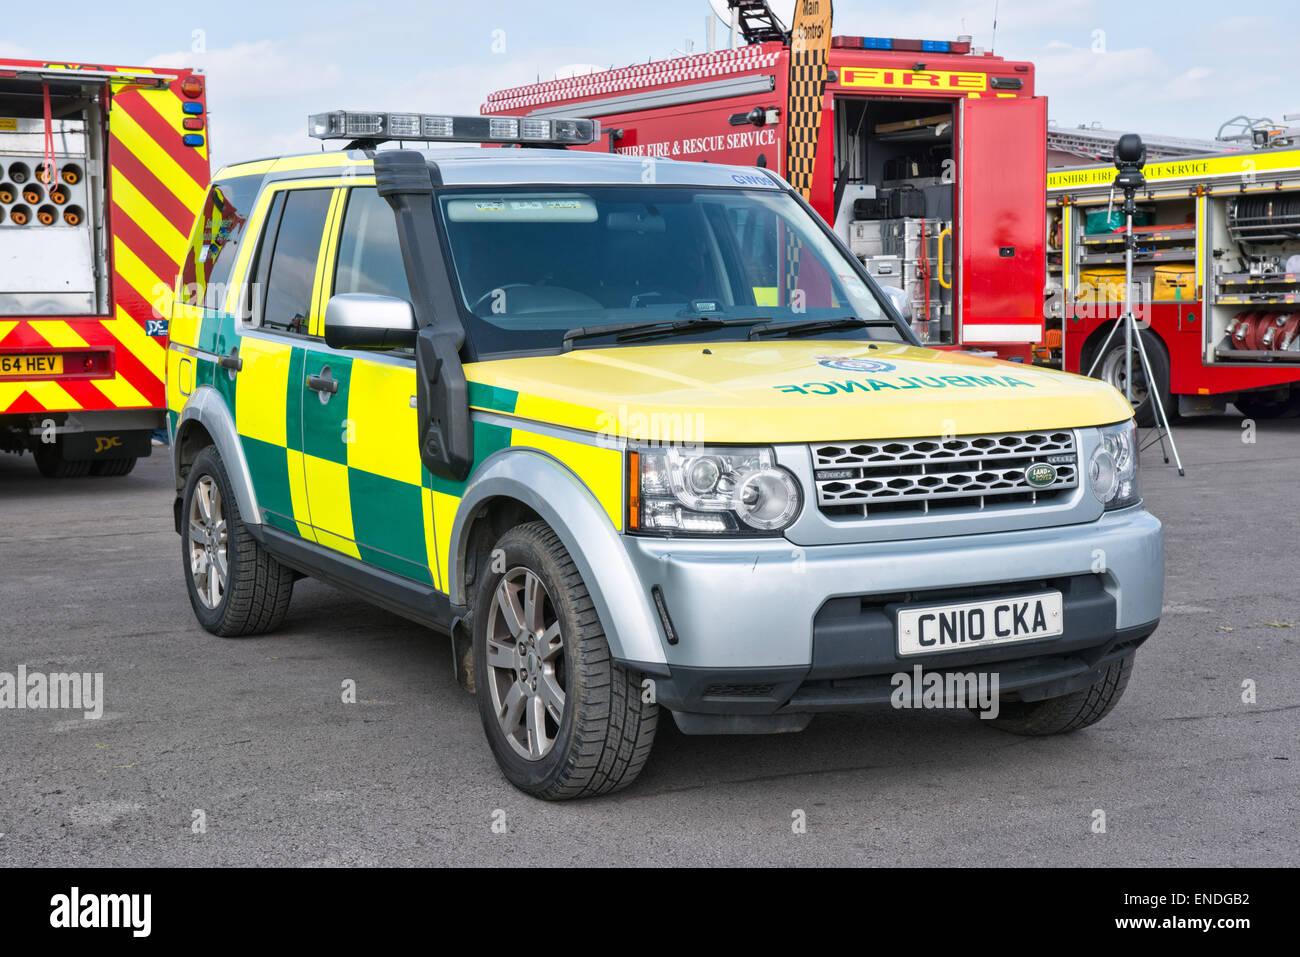 Rettungssanitäter Wiltshire NHS Vertrauen Landrover Krankenwagen Stockbild